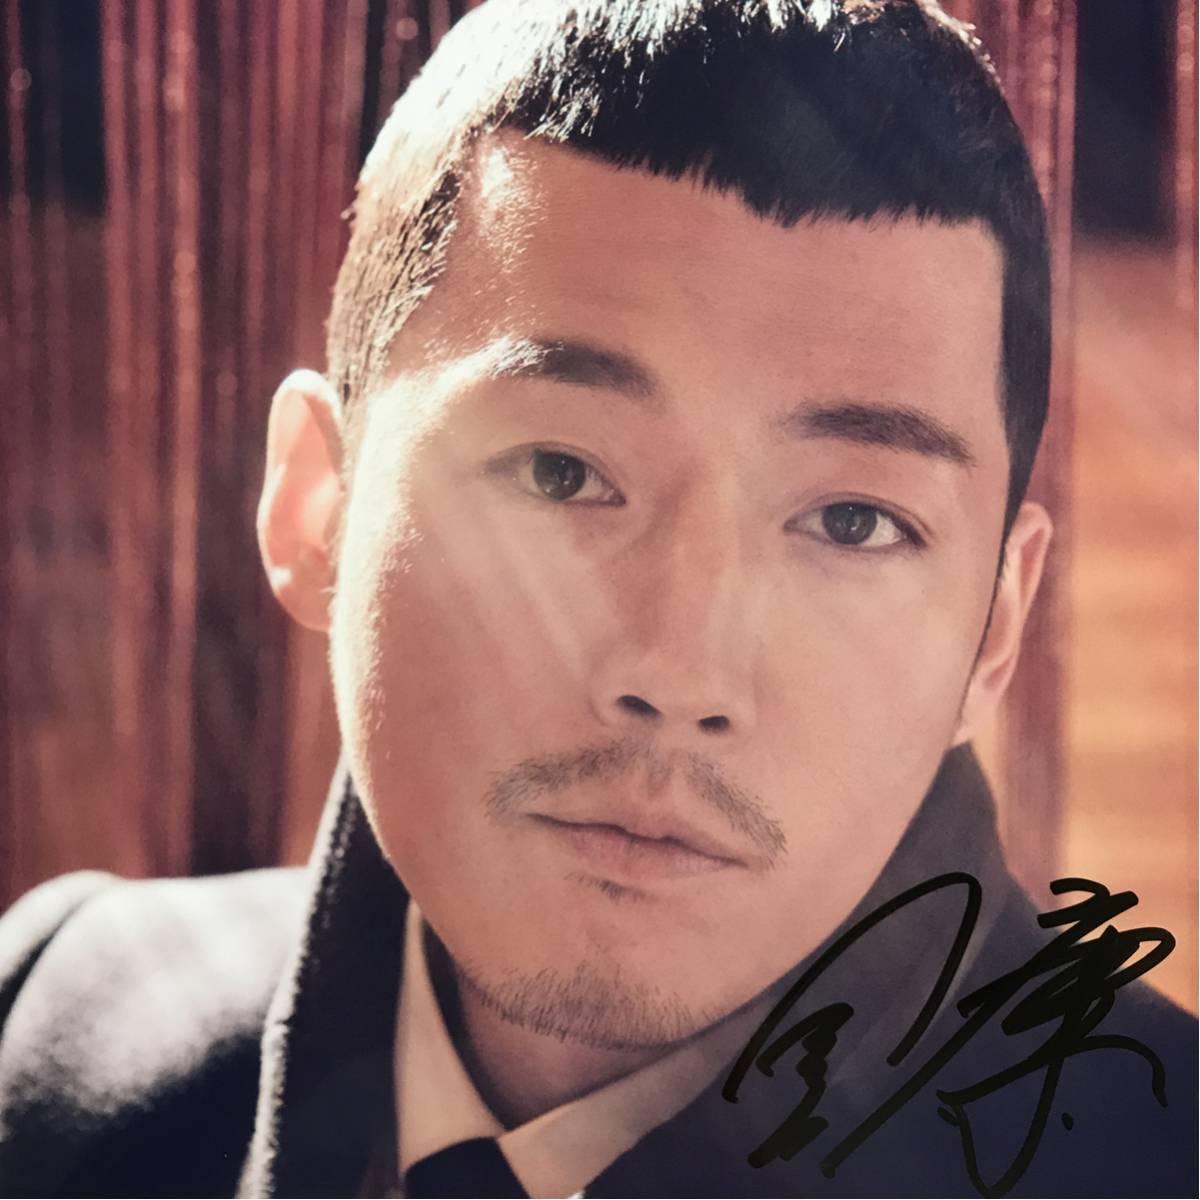 チャン・ヒョク直筆サイン入り写真☆☆